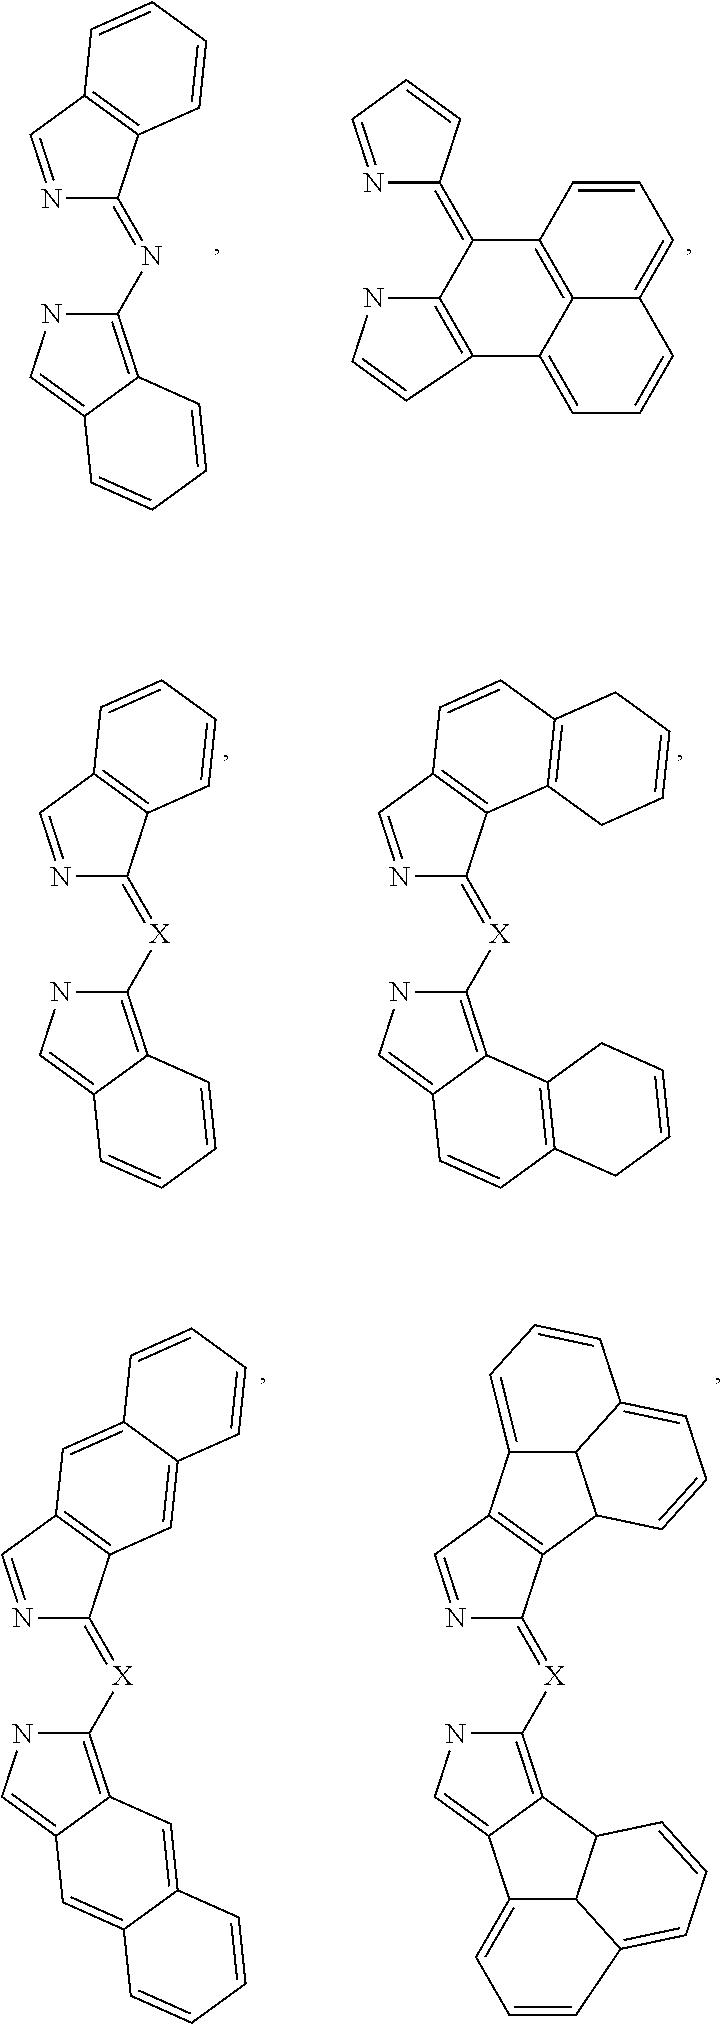 Figure US20100013386A1-20100121-C00008